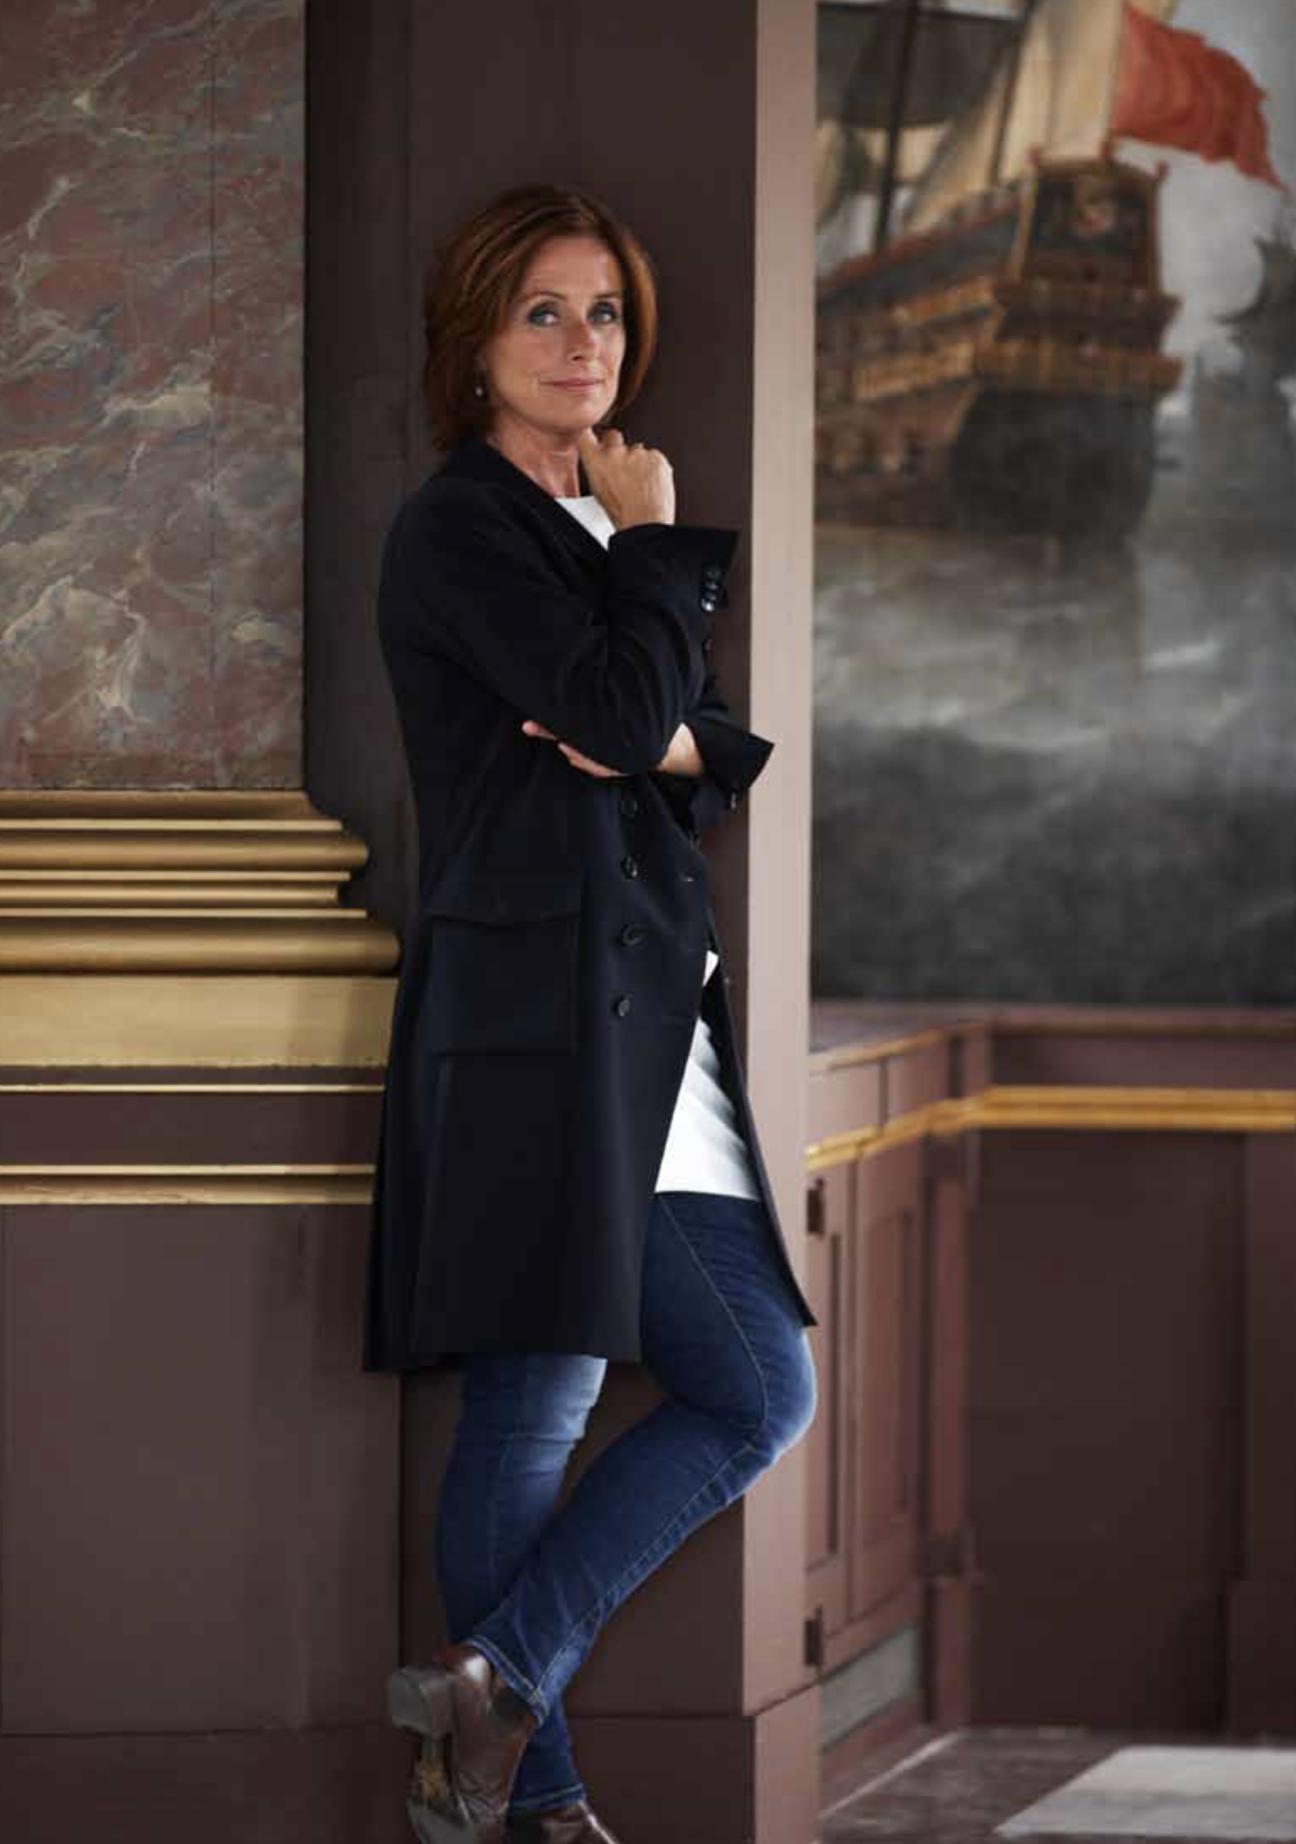 Maud Steengracht